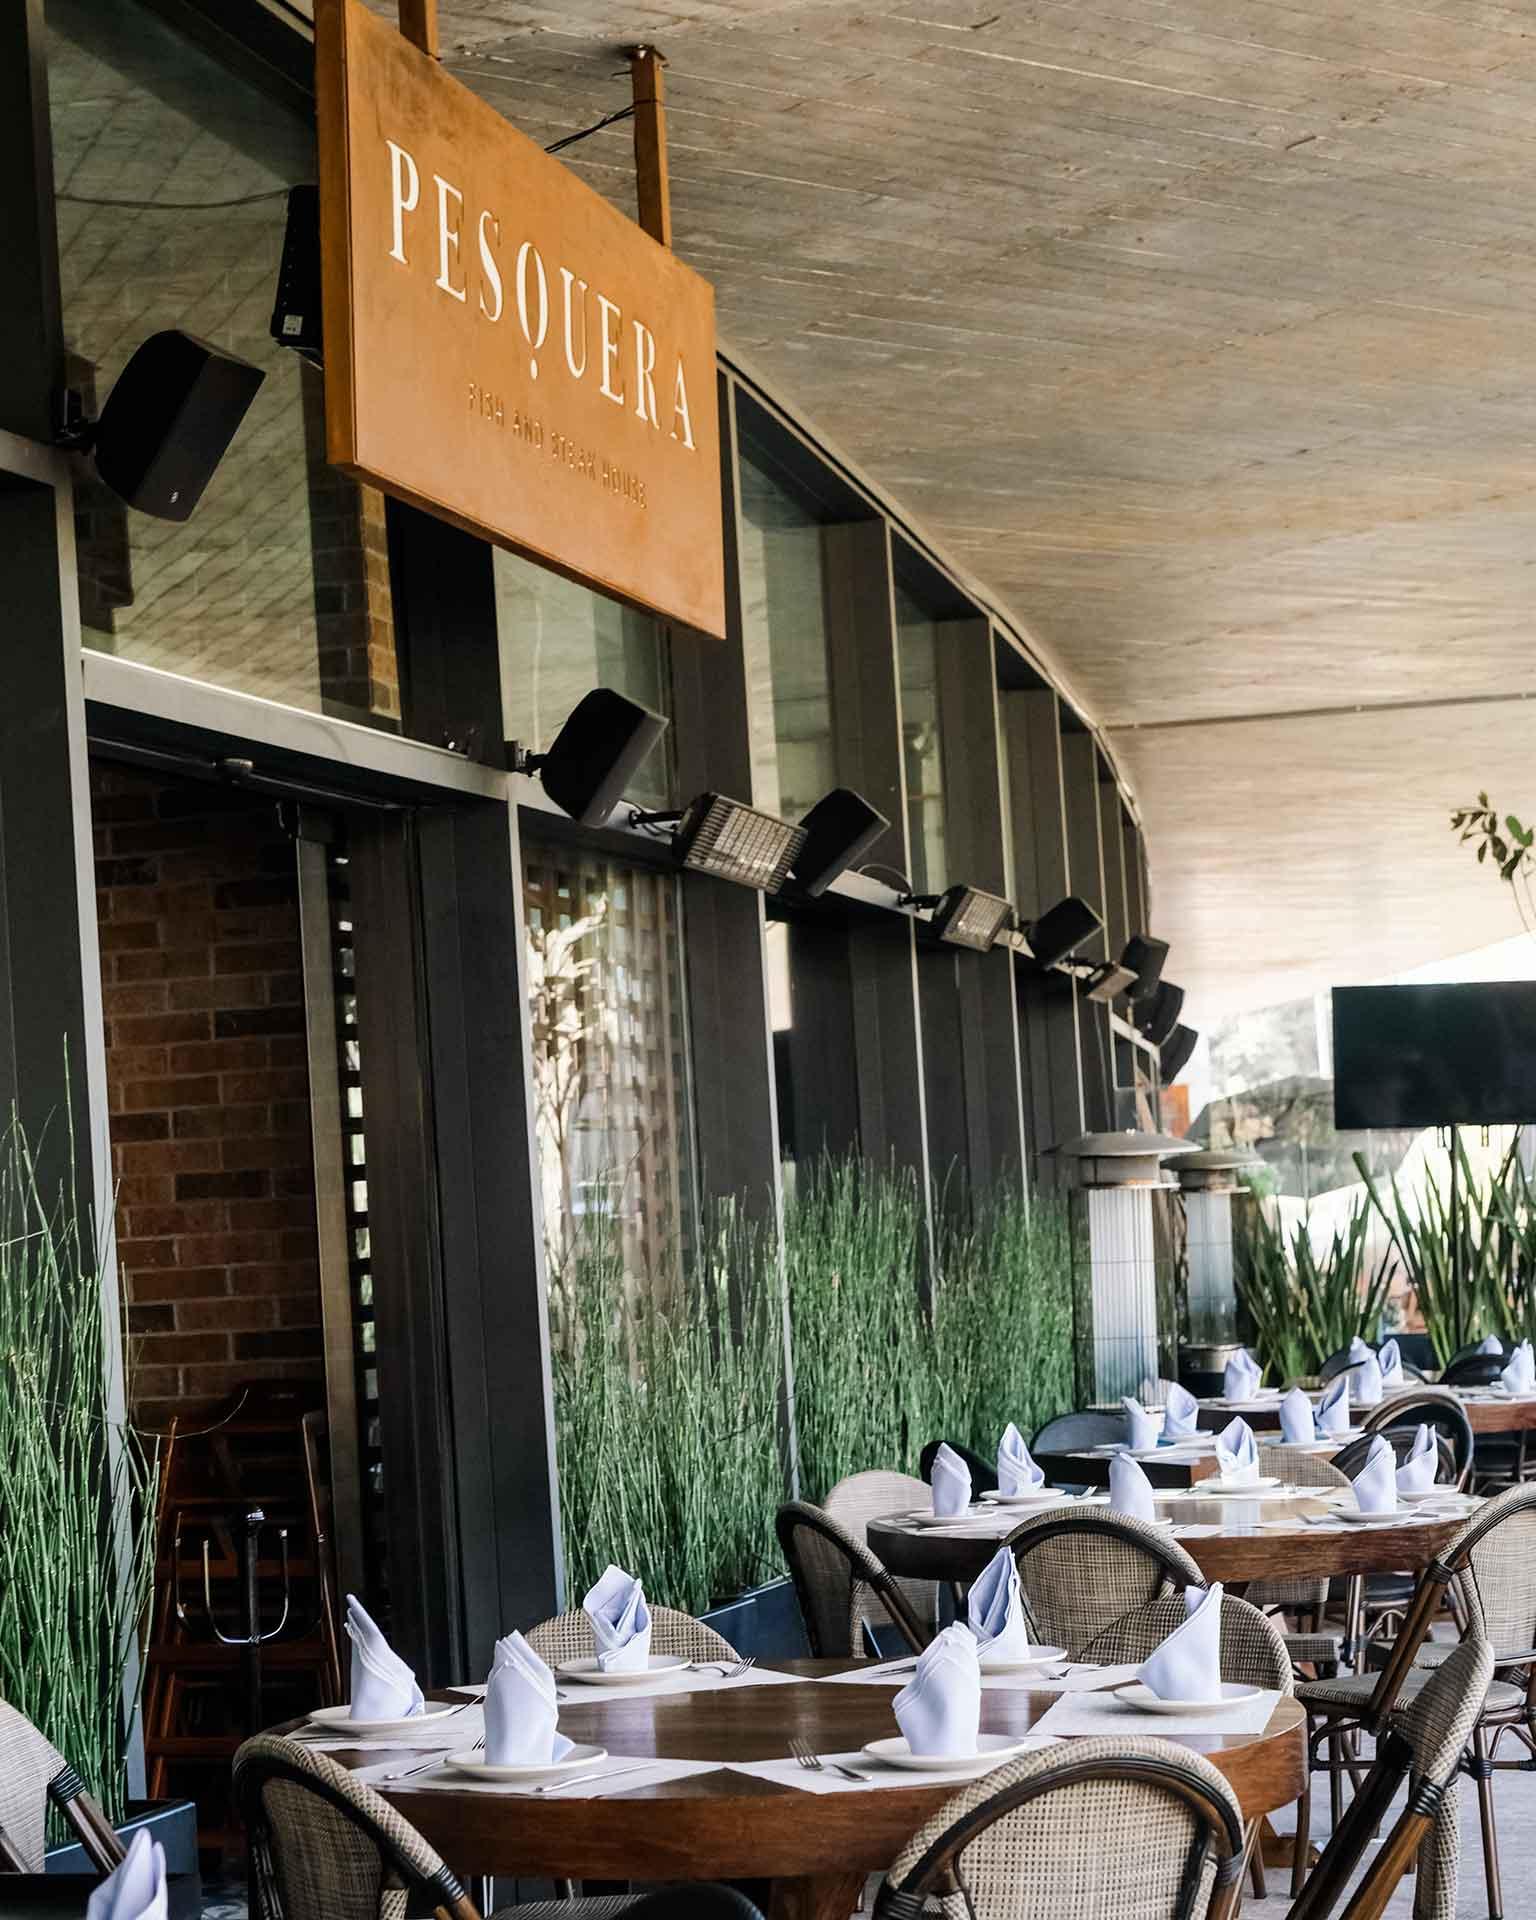 Restaurante Pesquera